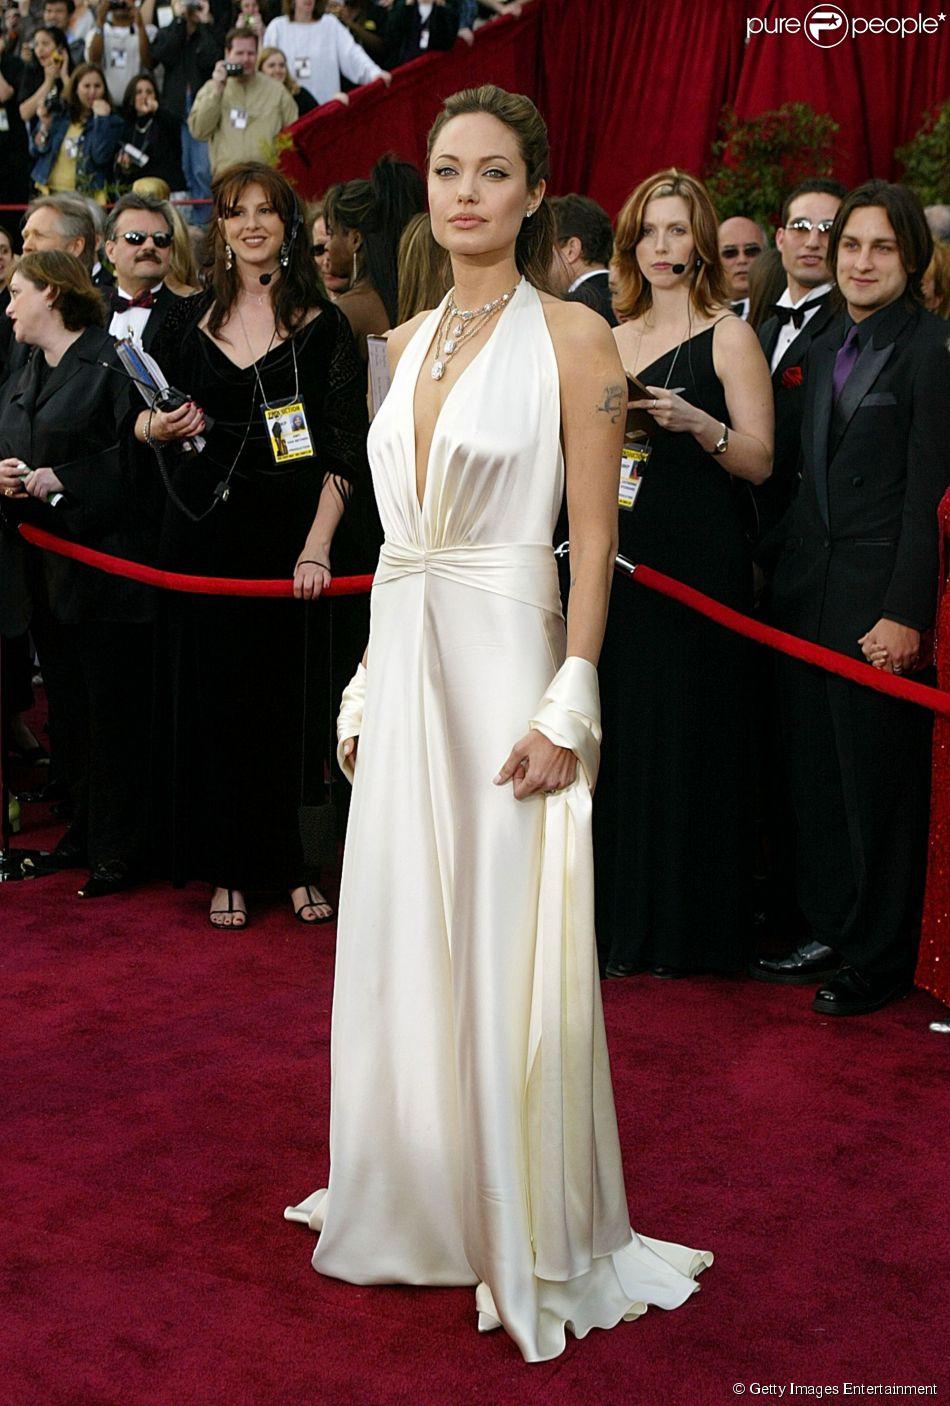 Angelina Jolie usou um vestido branco de cetim da grife Marc Bouwer no Oscar 2004, considerado um dos mais bonitos da história da premiação. No pescoço, a atriz usou um colar de diamantes da H. Stern no valor de US$ 10 milhões